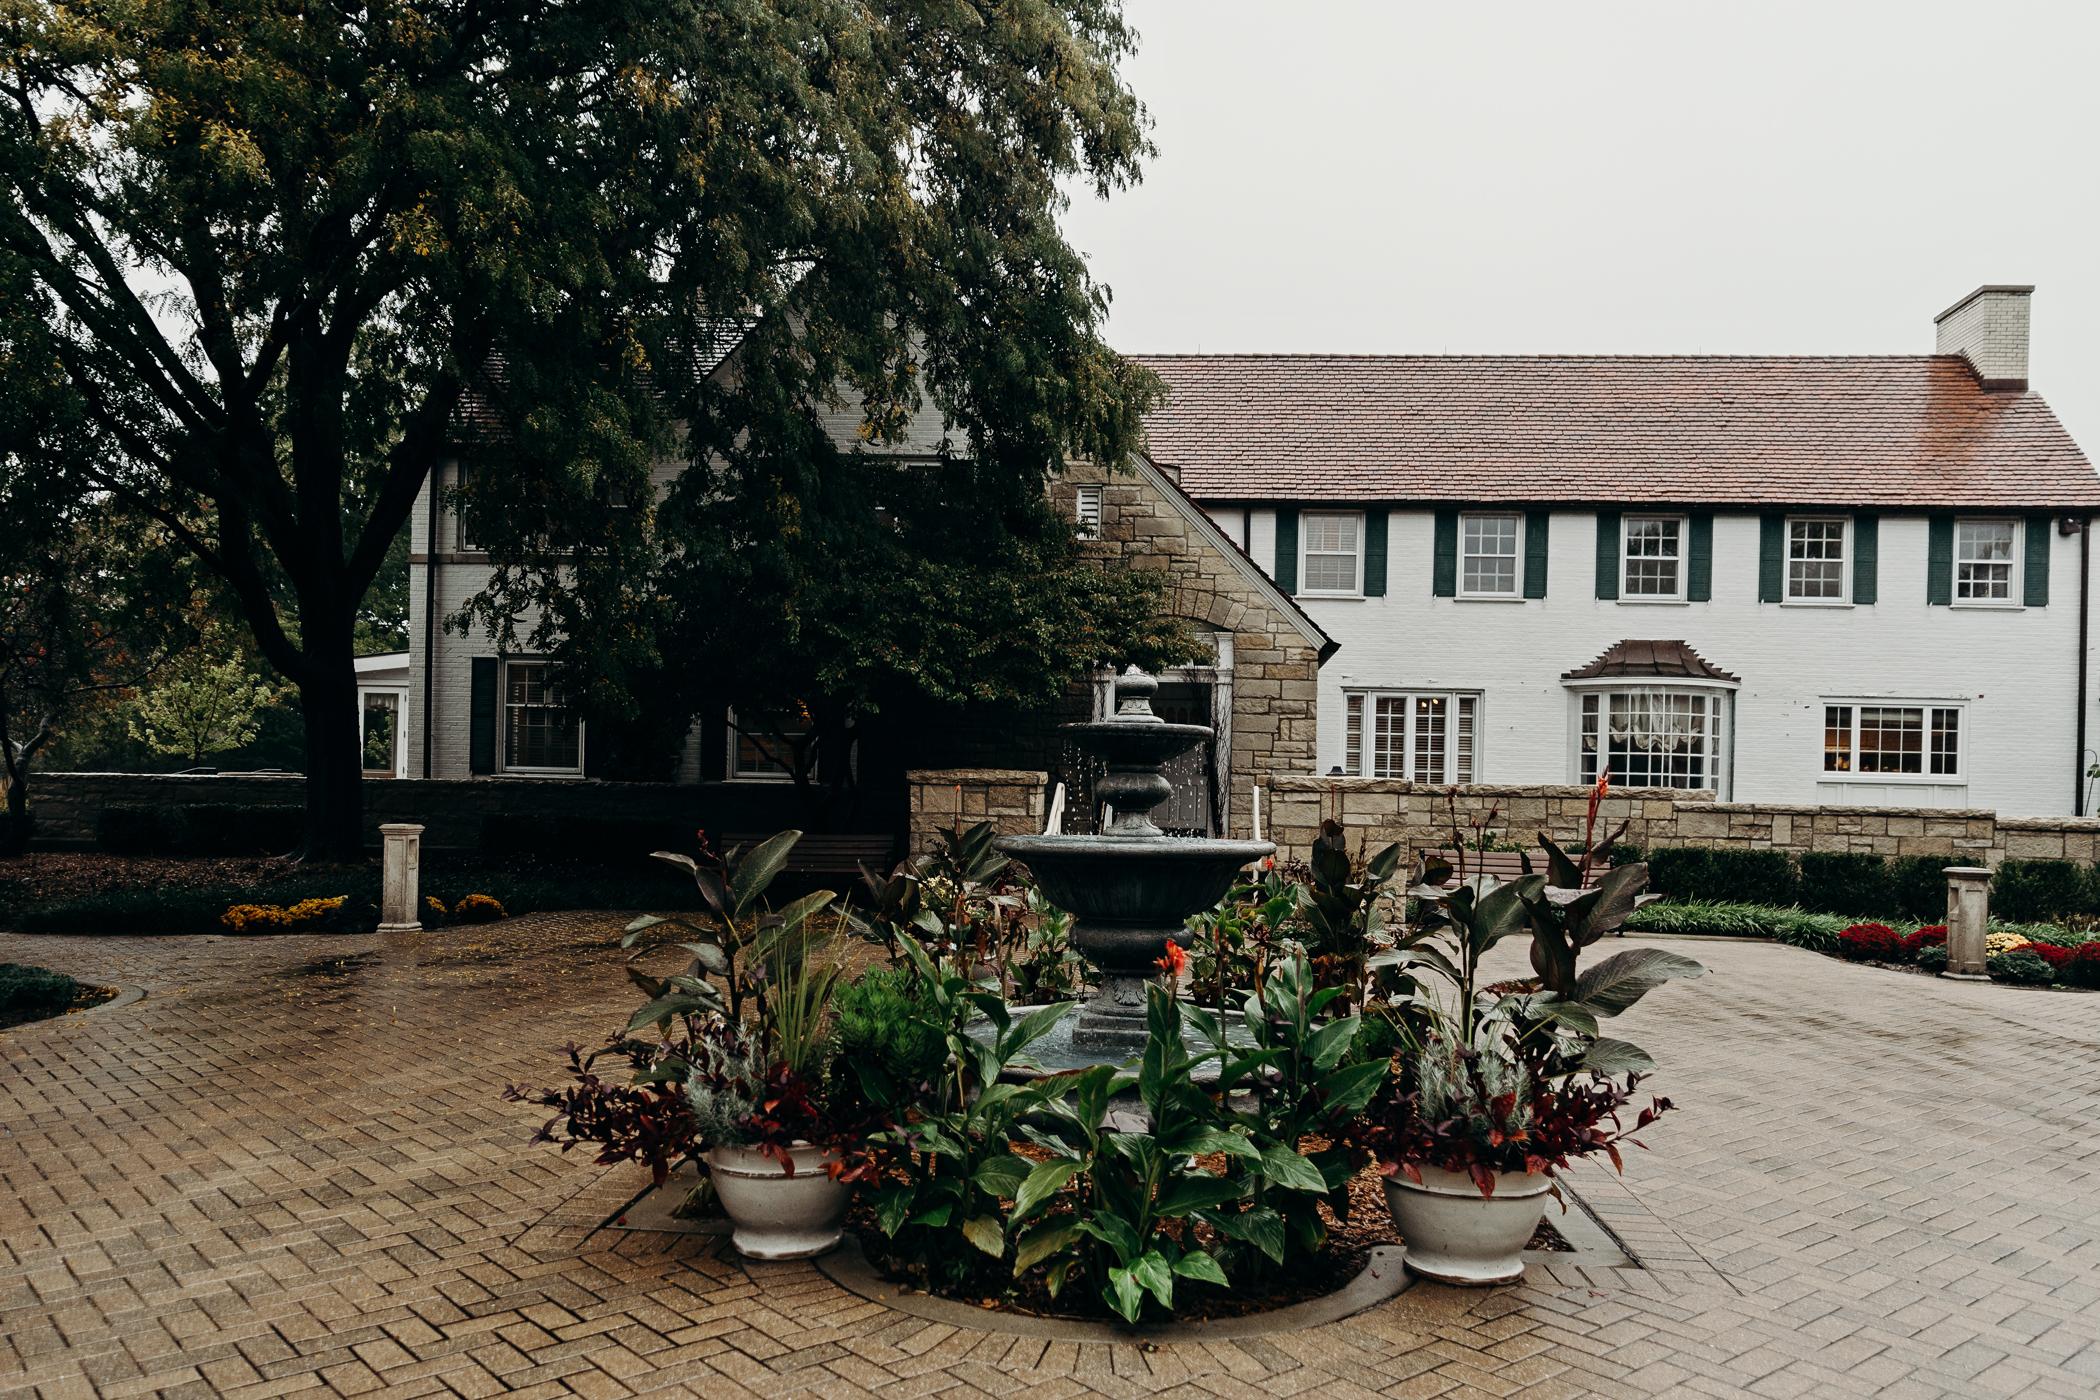 Front view of Danada House in Wheaton, IL